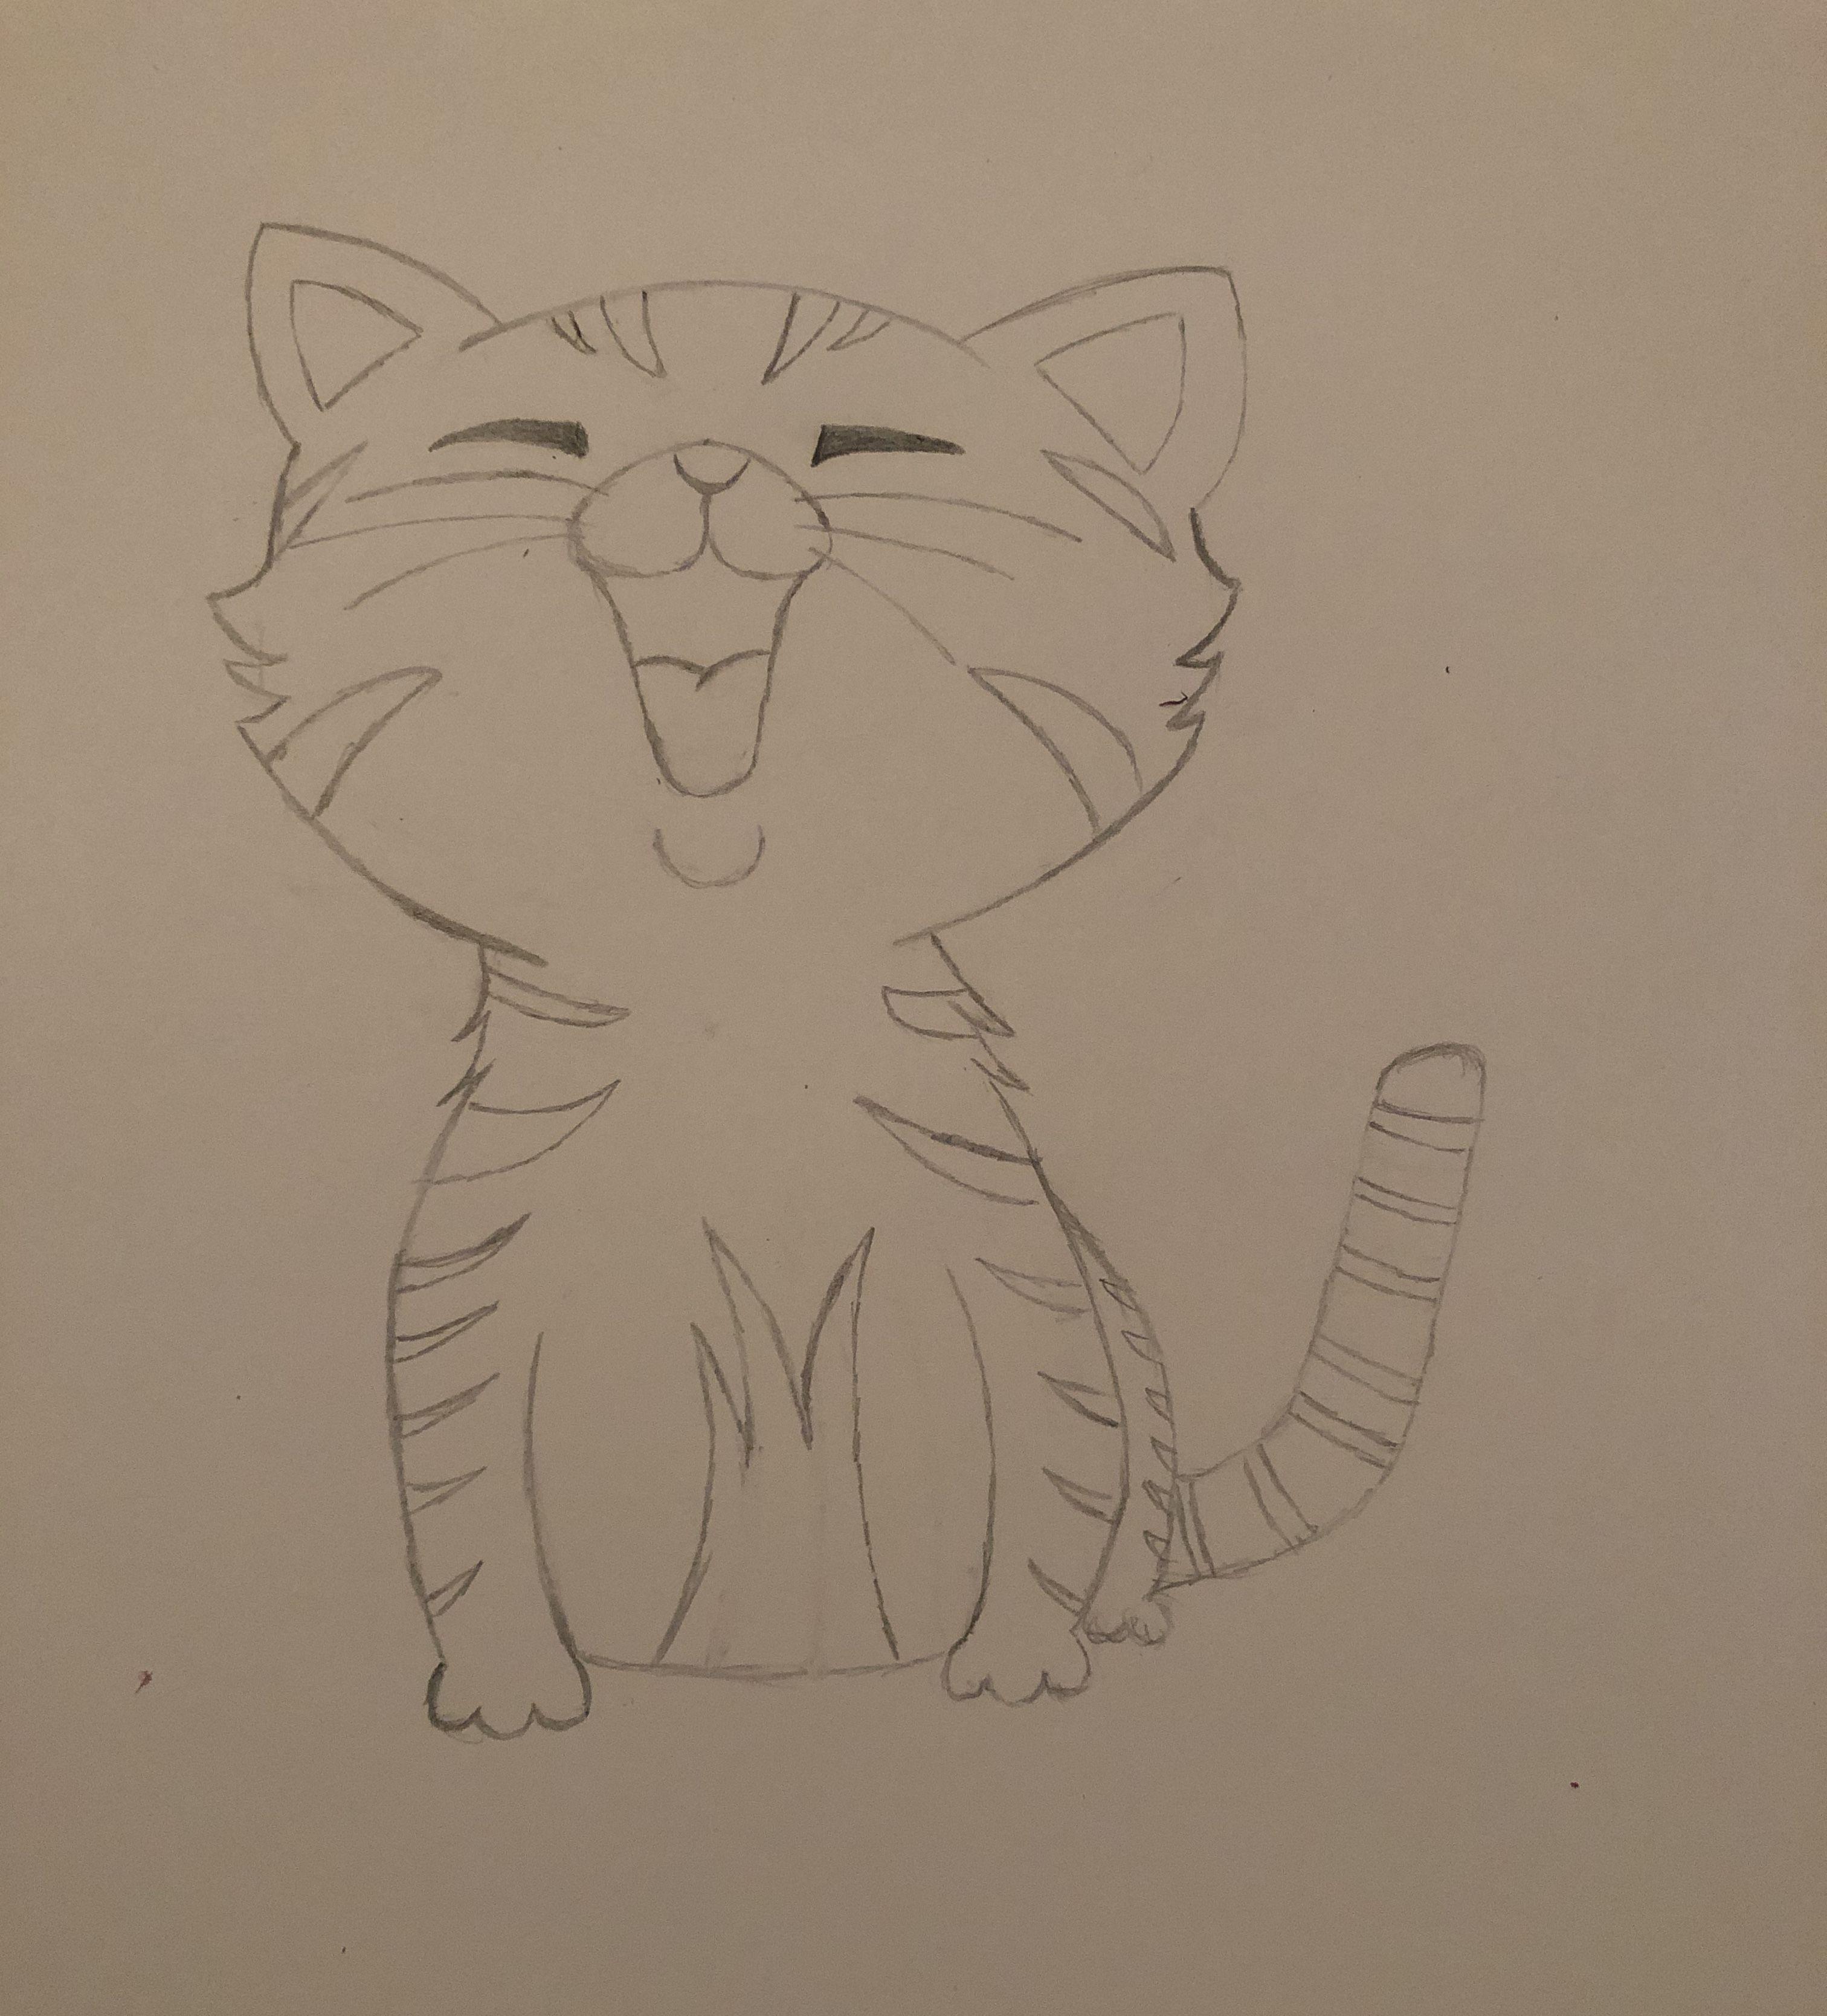 #drawing #sketch #cute #kittens #